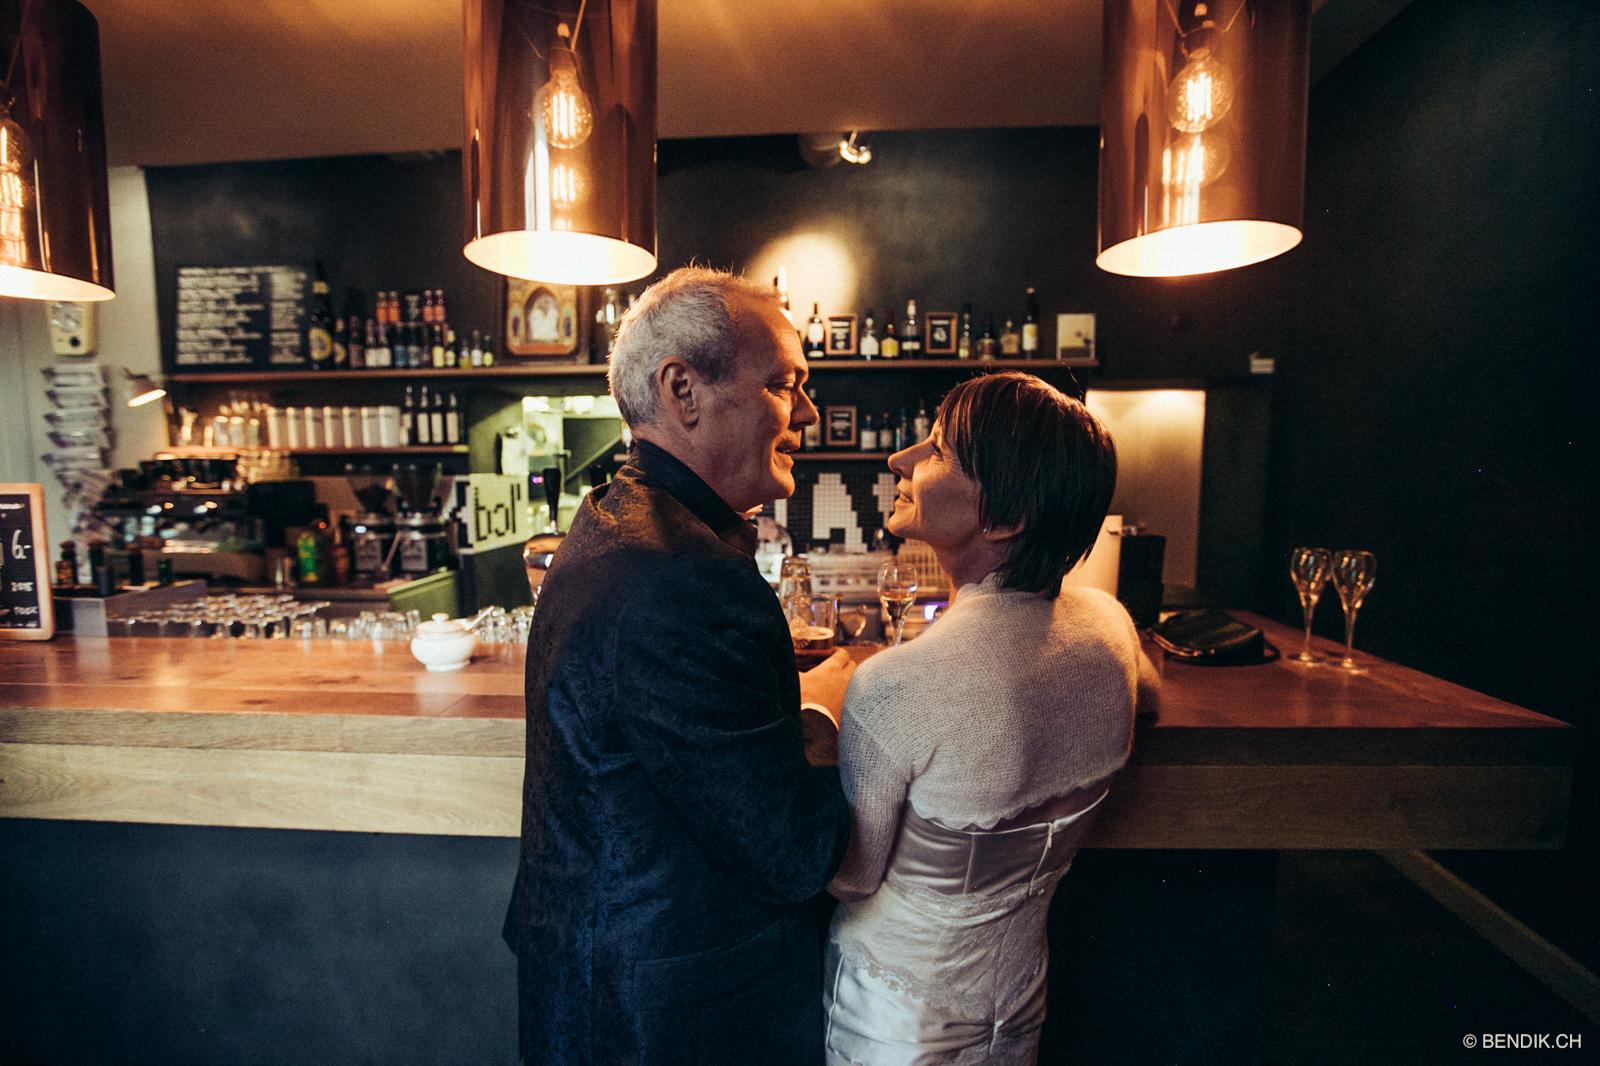 Brautpaar sieht sidh lächend am Tresen an